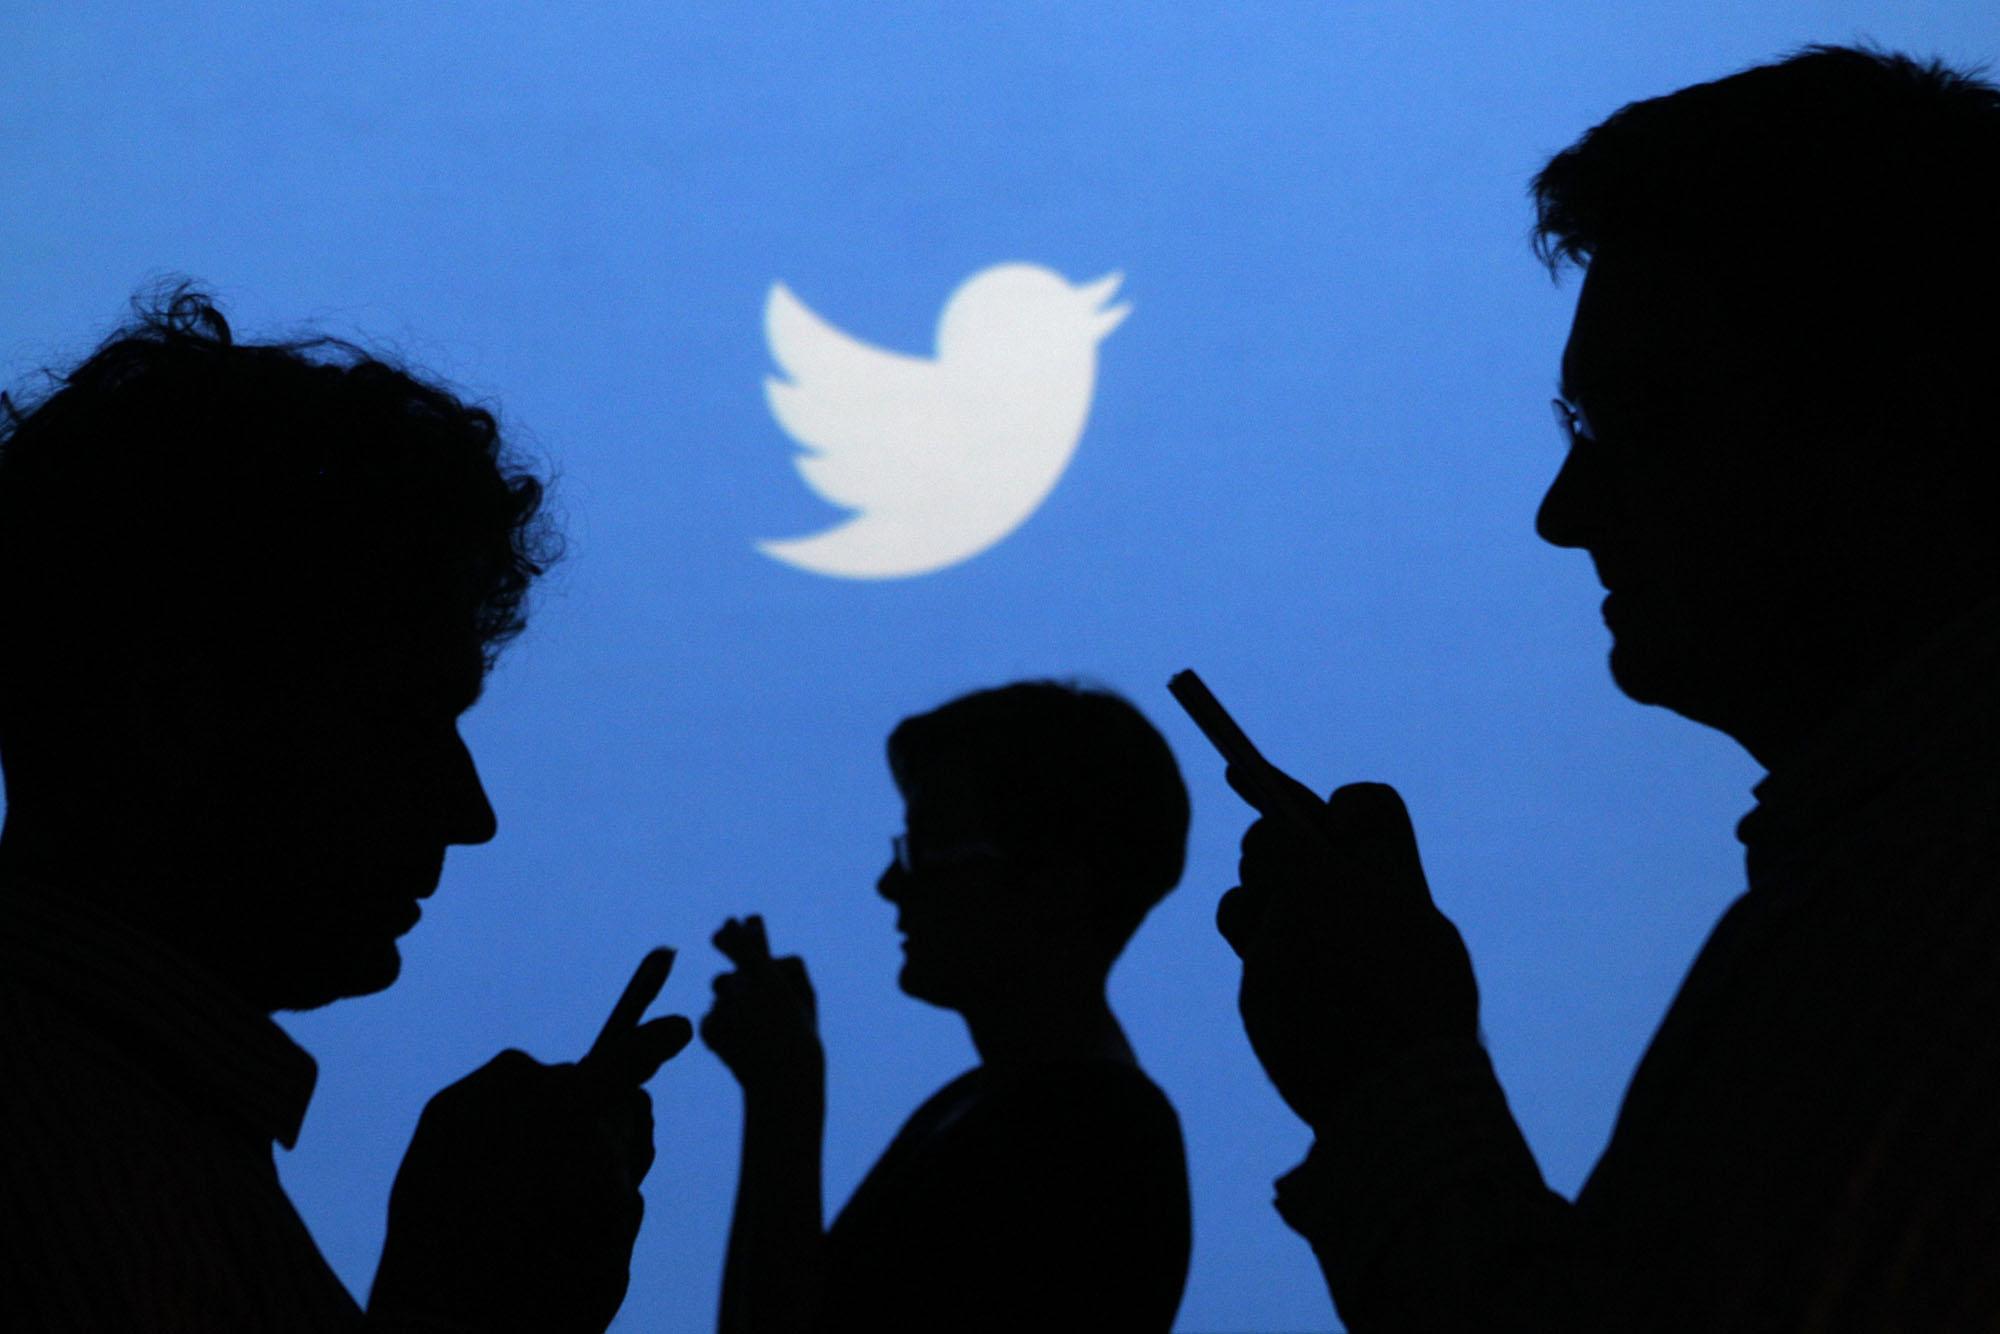 تويتر تفك قيد  الـ140 حرفا في الرسائل الخاصة